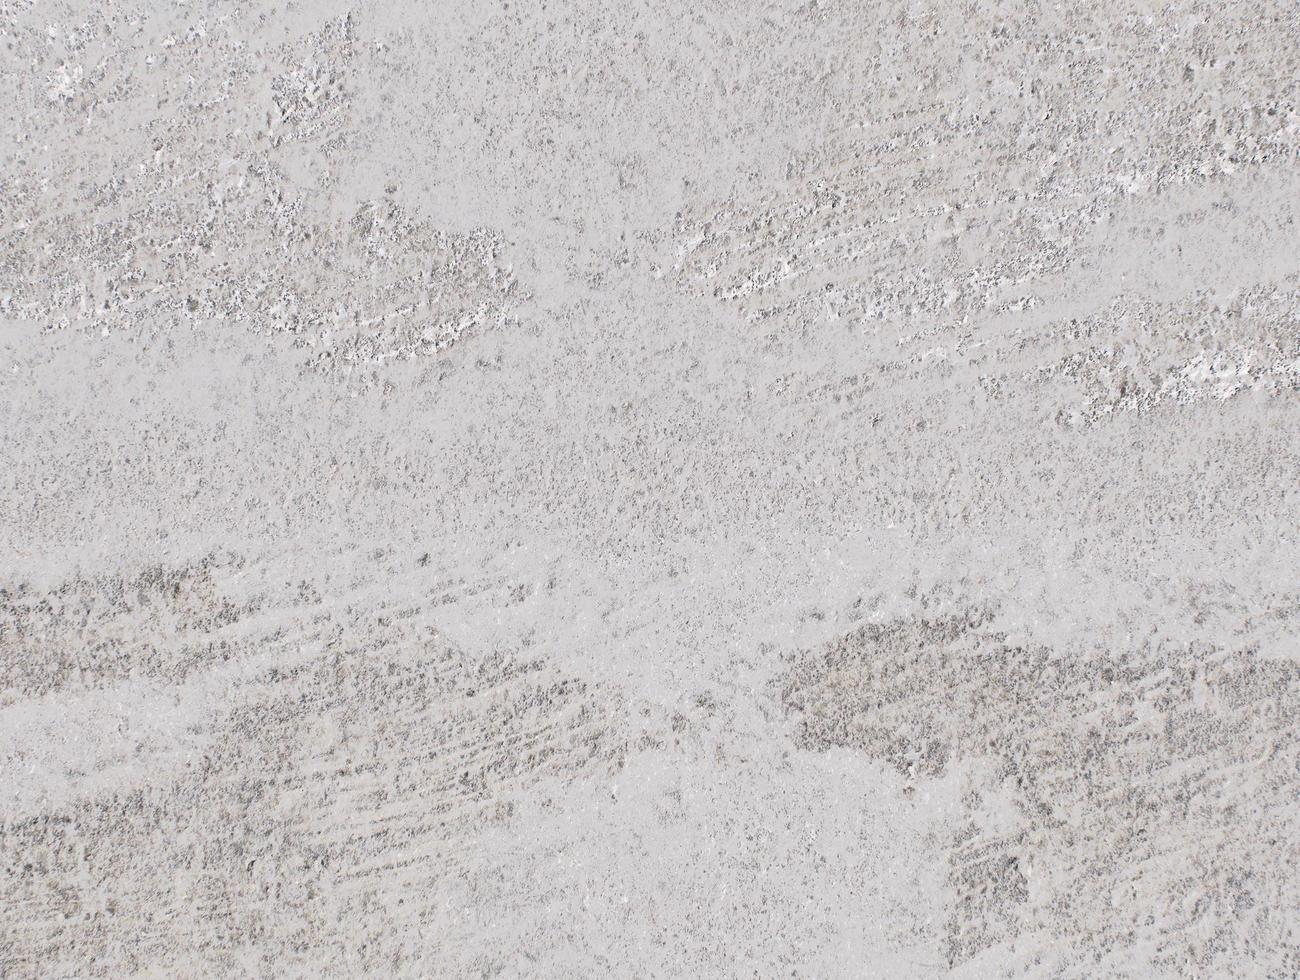 texture de mur de béton beige photo